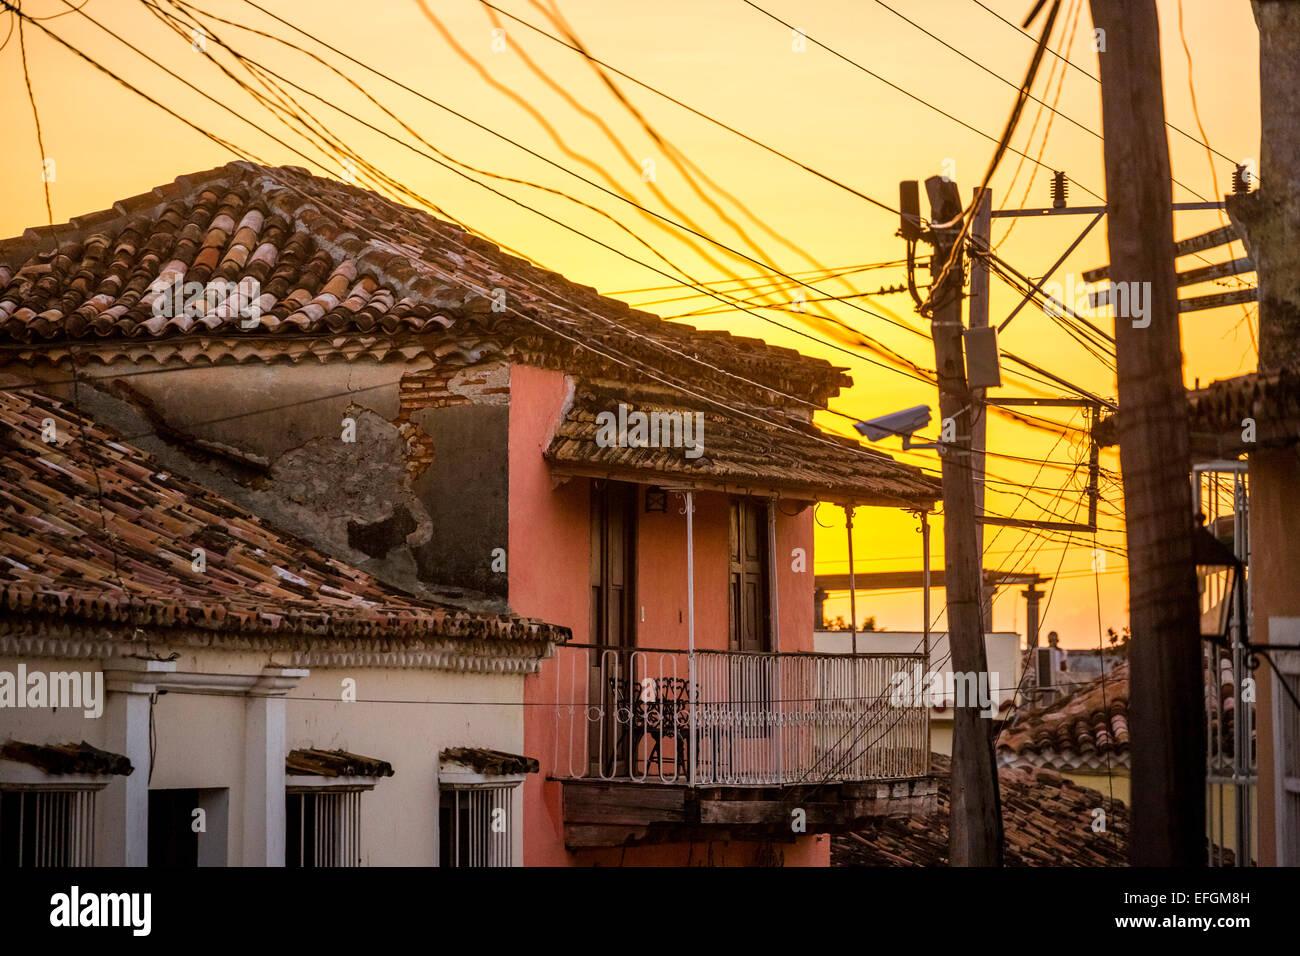 Häusern und Stromleitungen, Trinidad, Kuba Stockbild